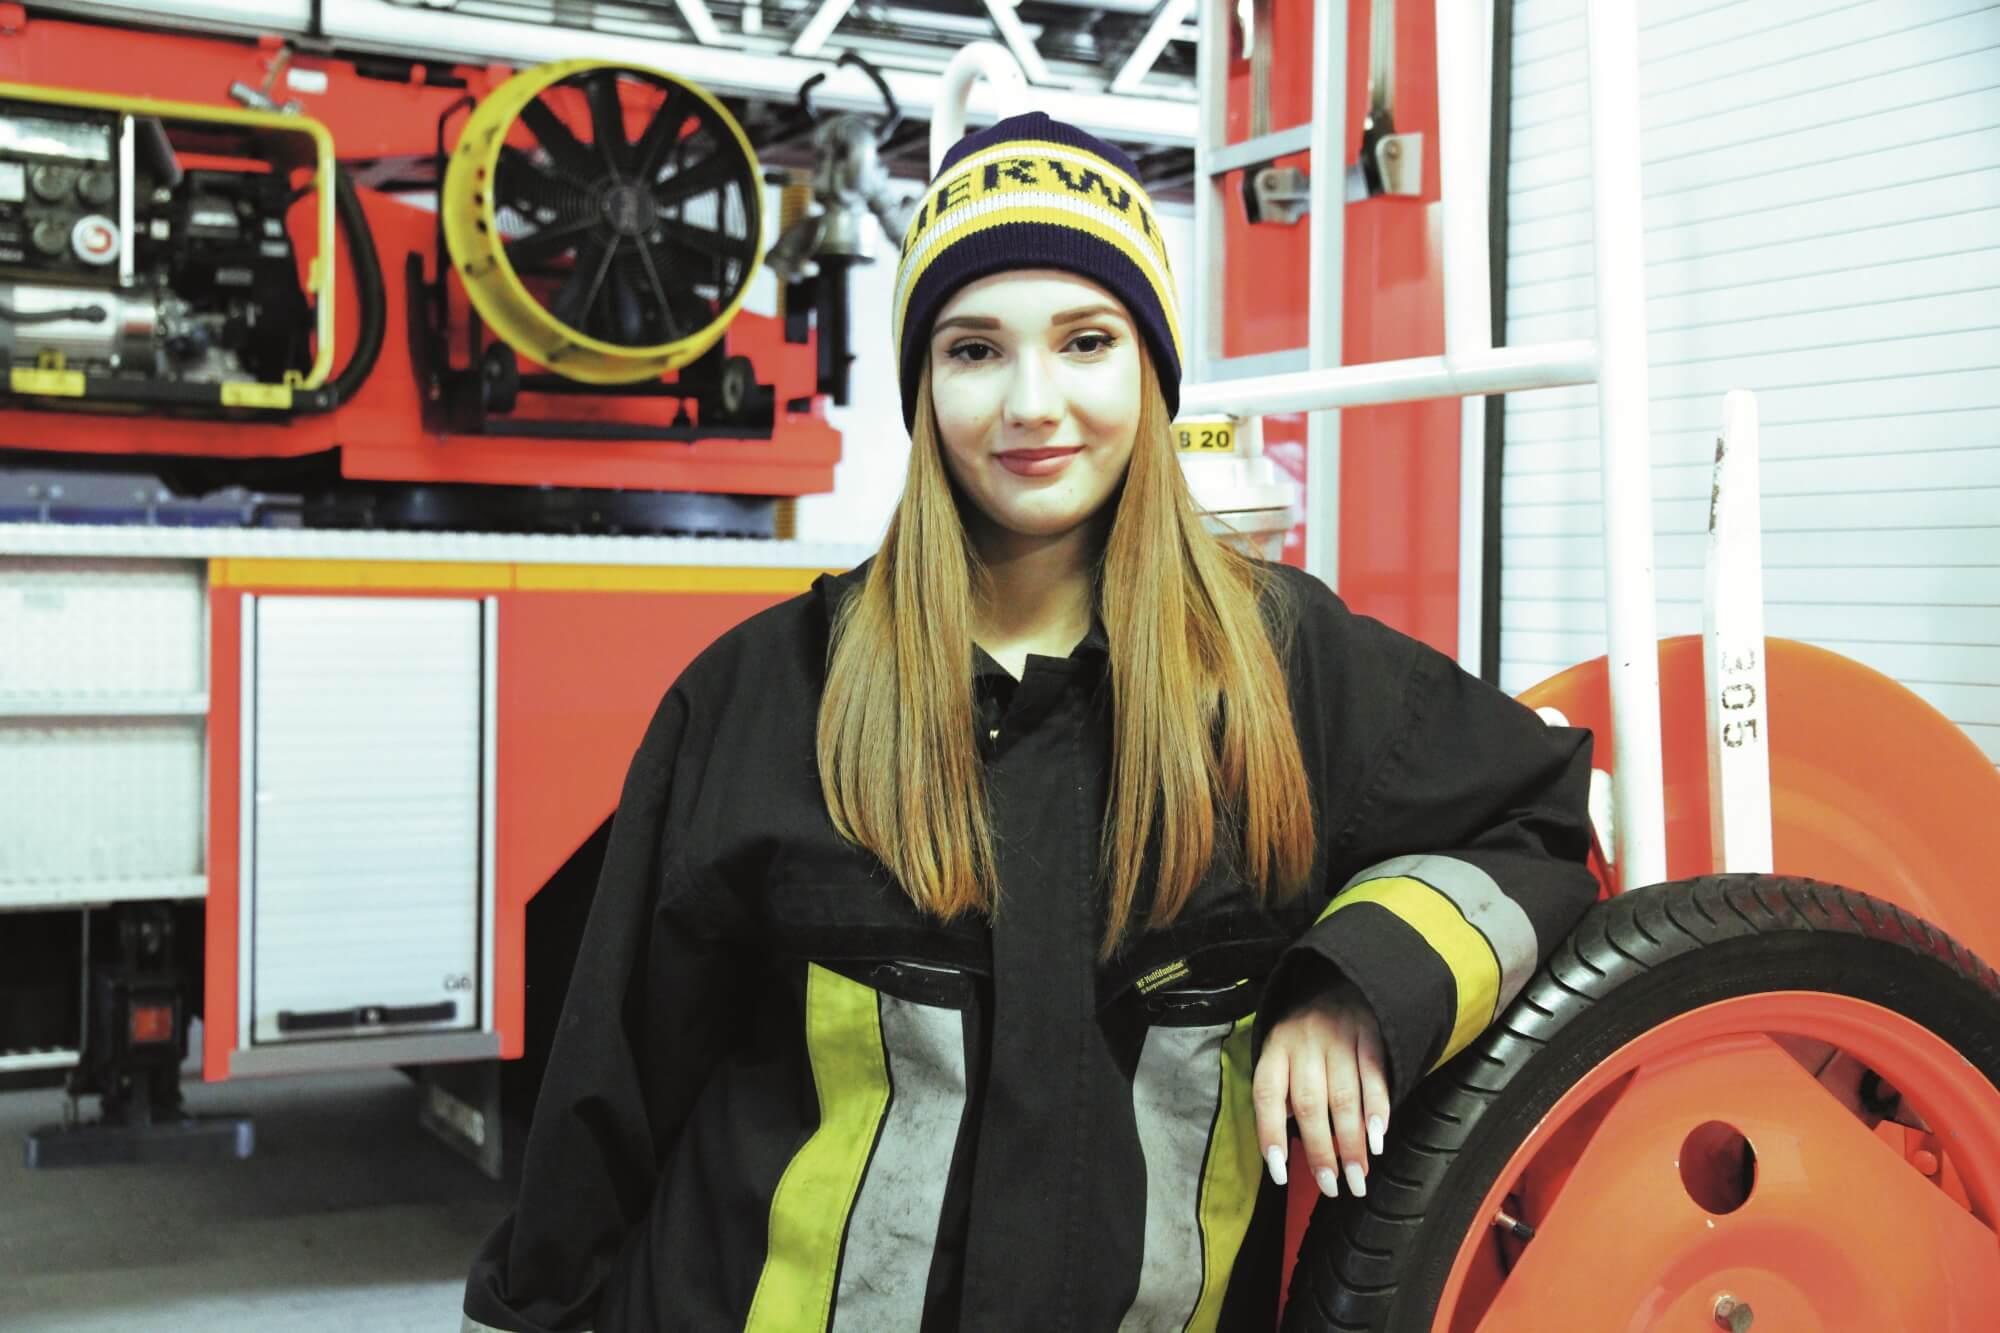 Sicherheit am silbernen Faden <br>Feuerwehrmützen mit Reflexgarn